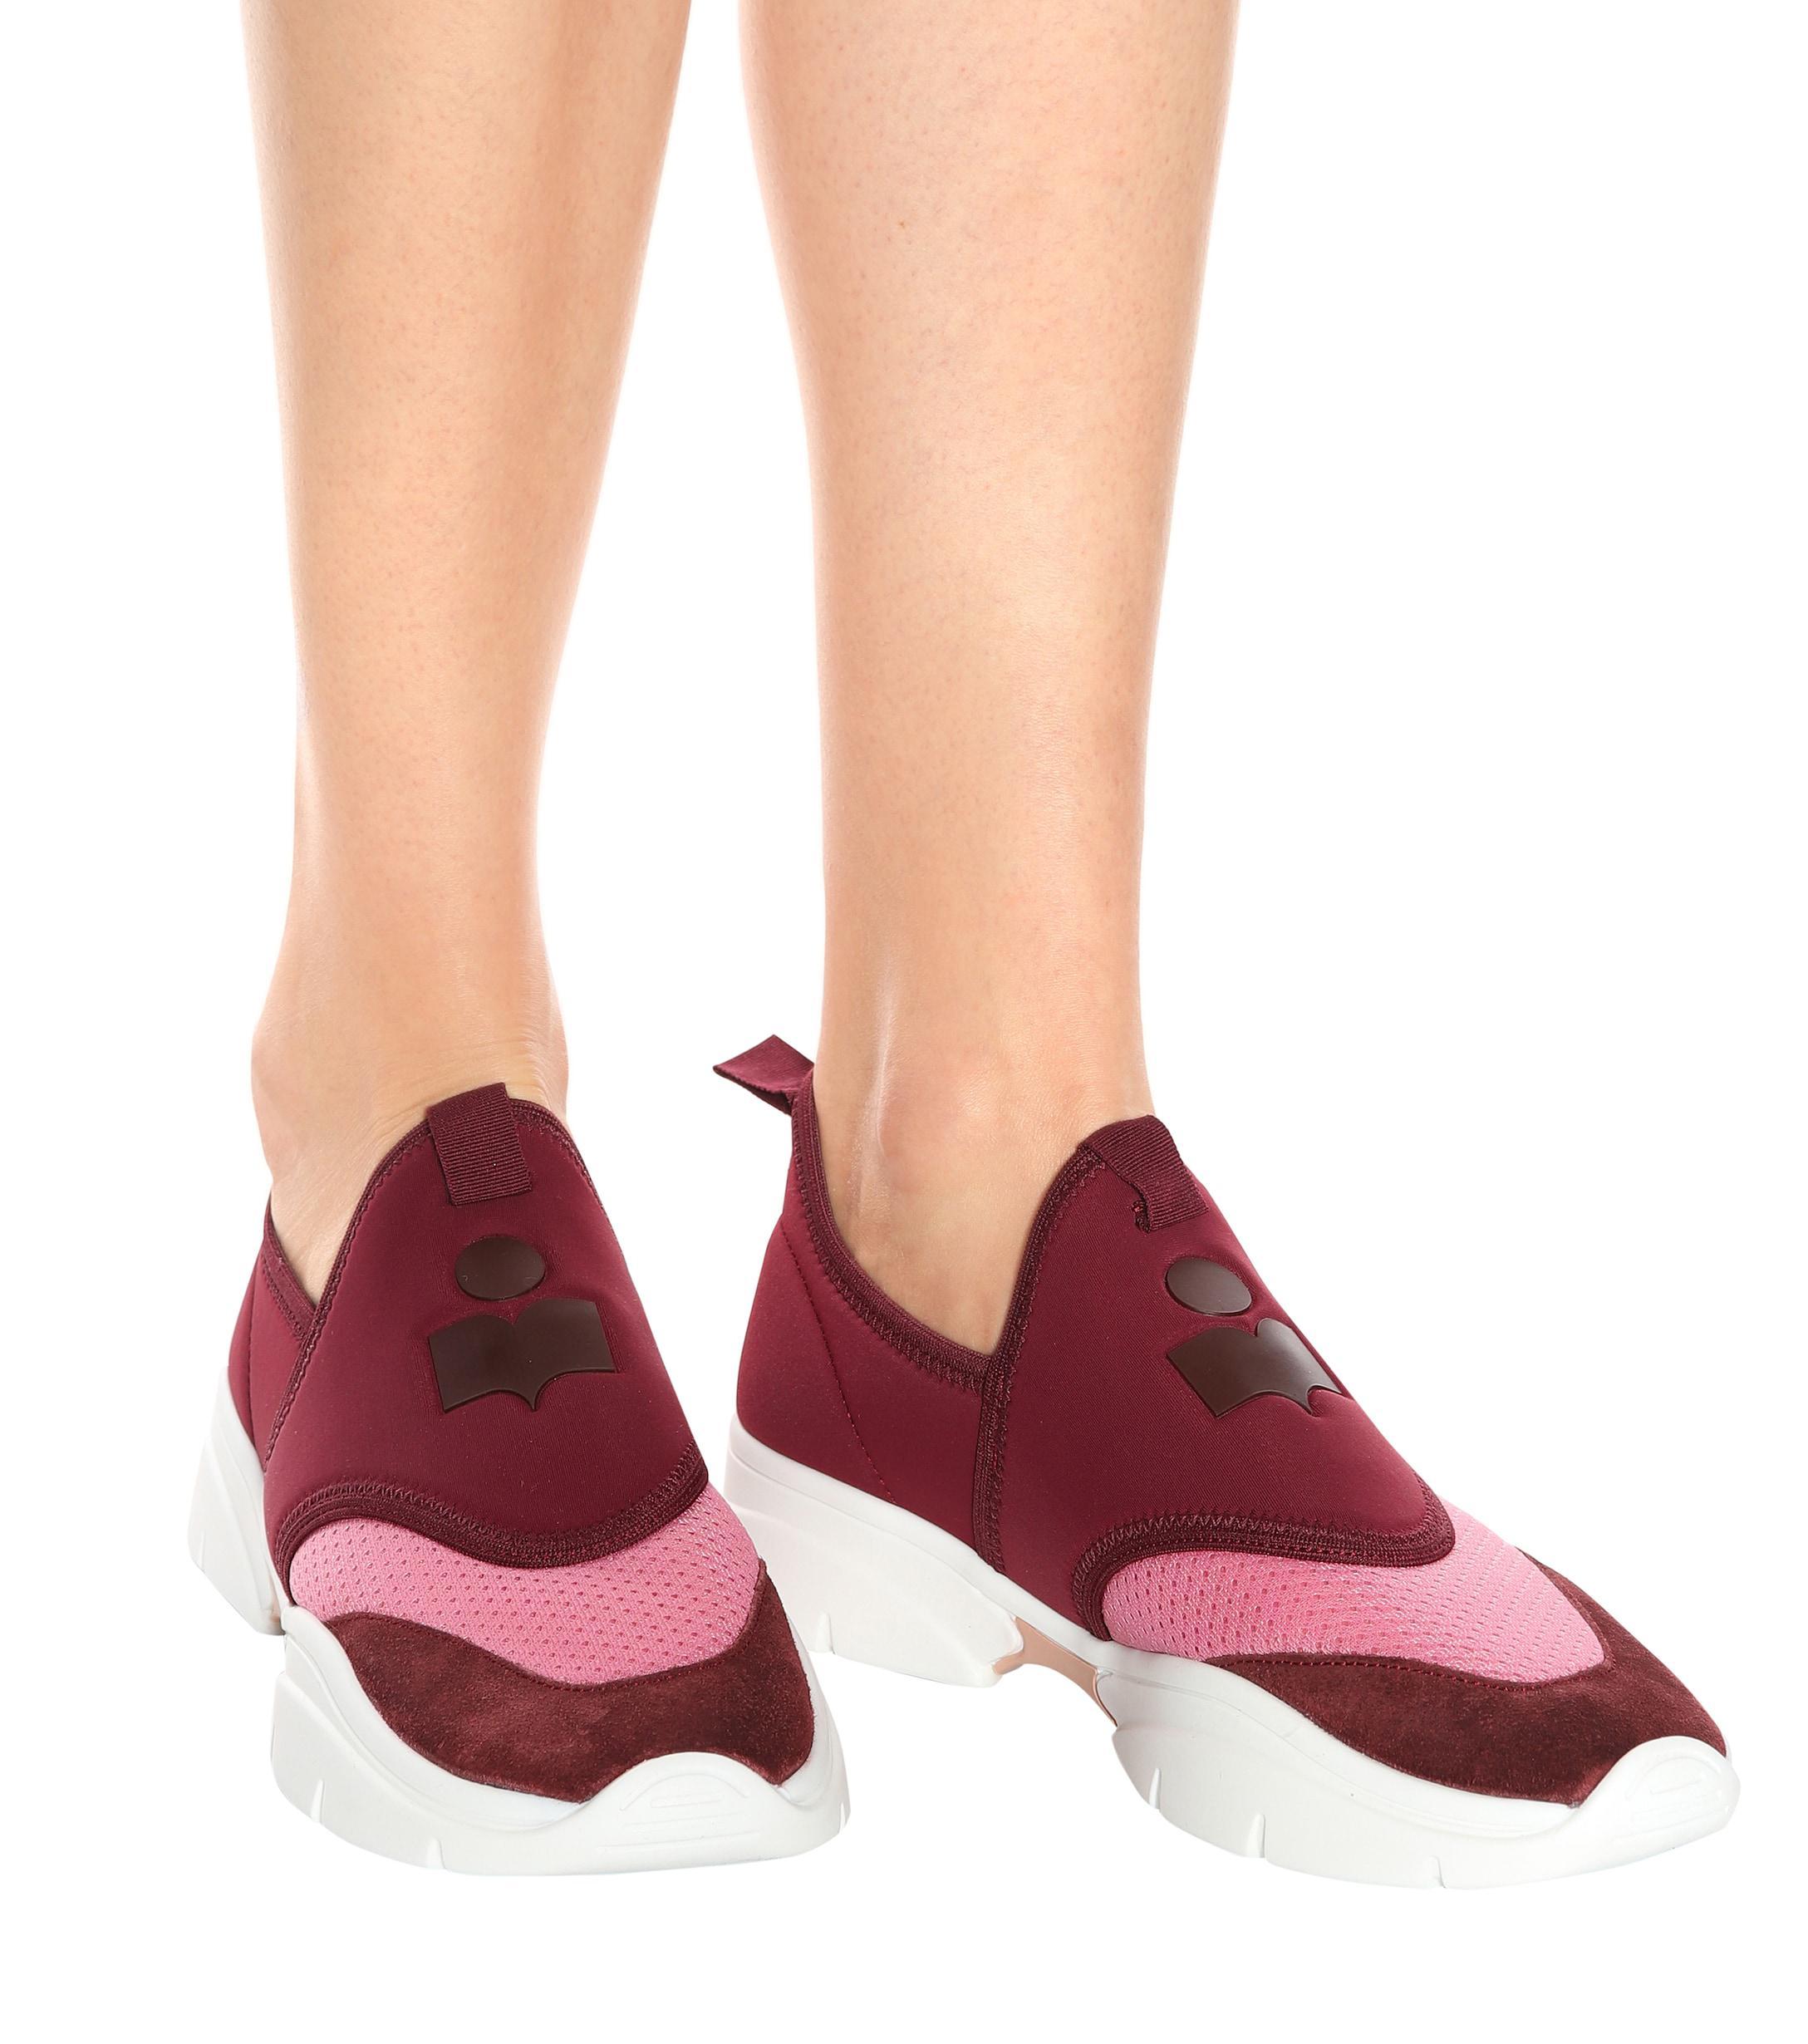 Zapatillas de neoprene Kaisee Isabel Marant de color Morado